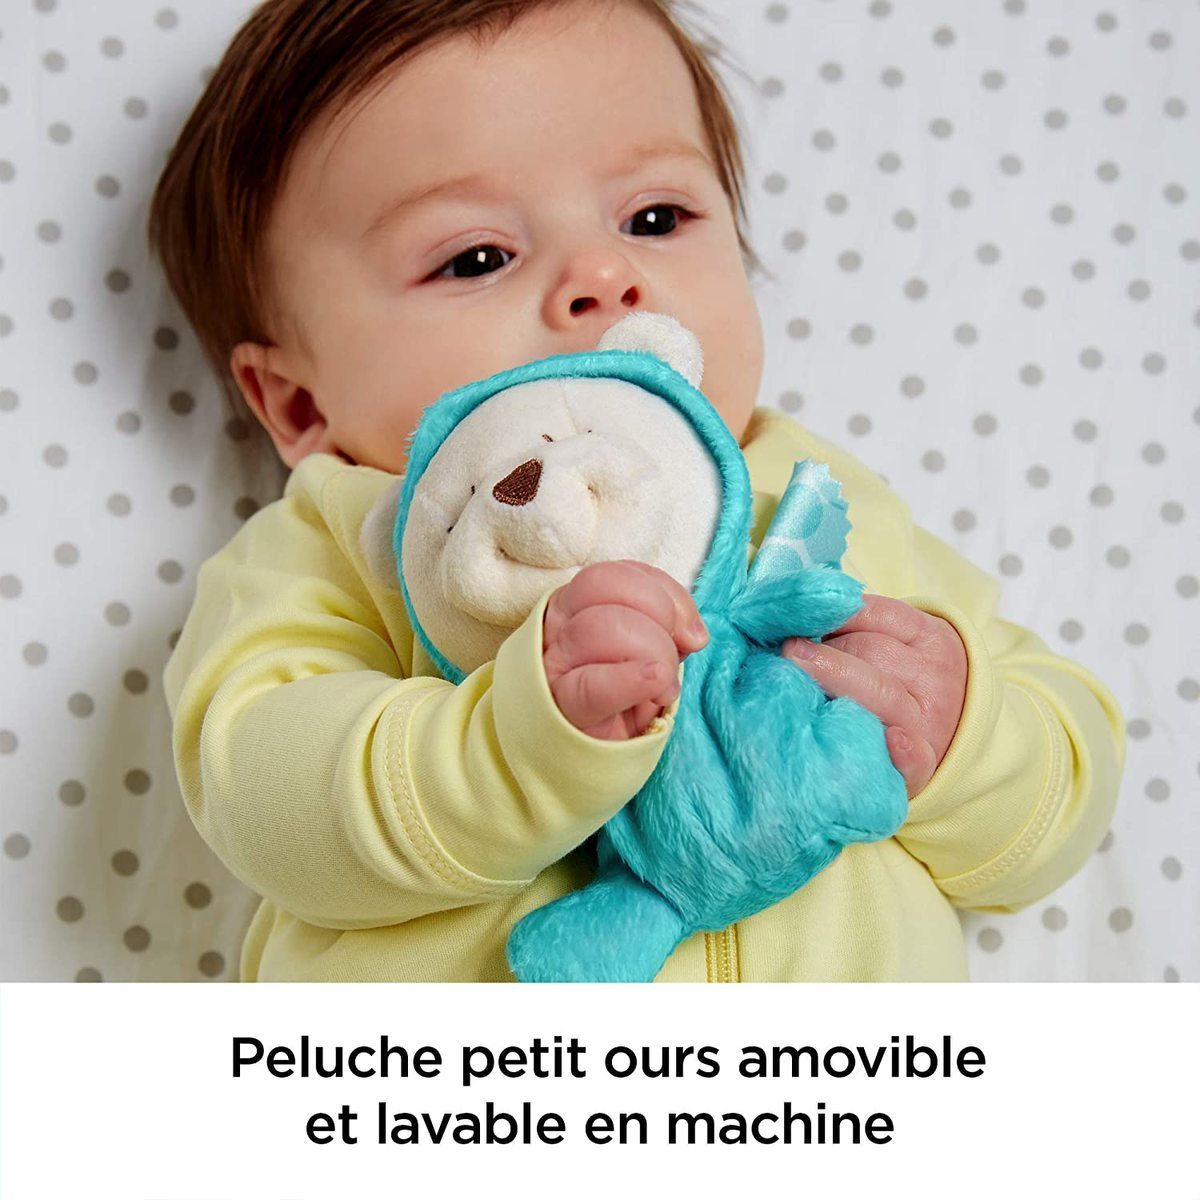 Фишер цена 2 в 1 пустышки для младенцев бабочка мечты медведь